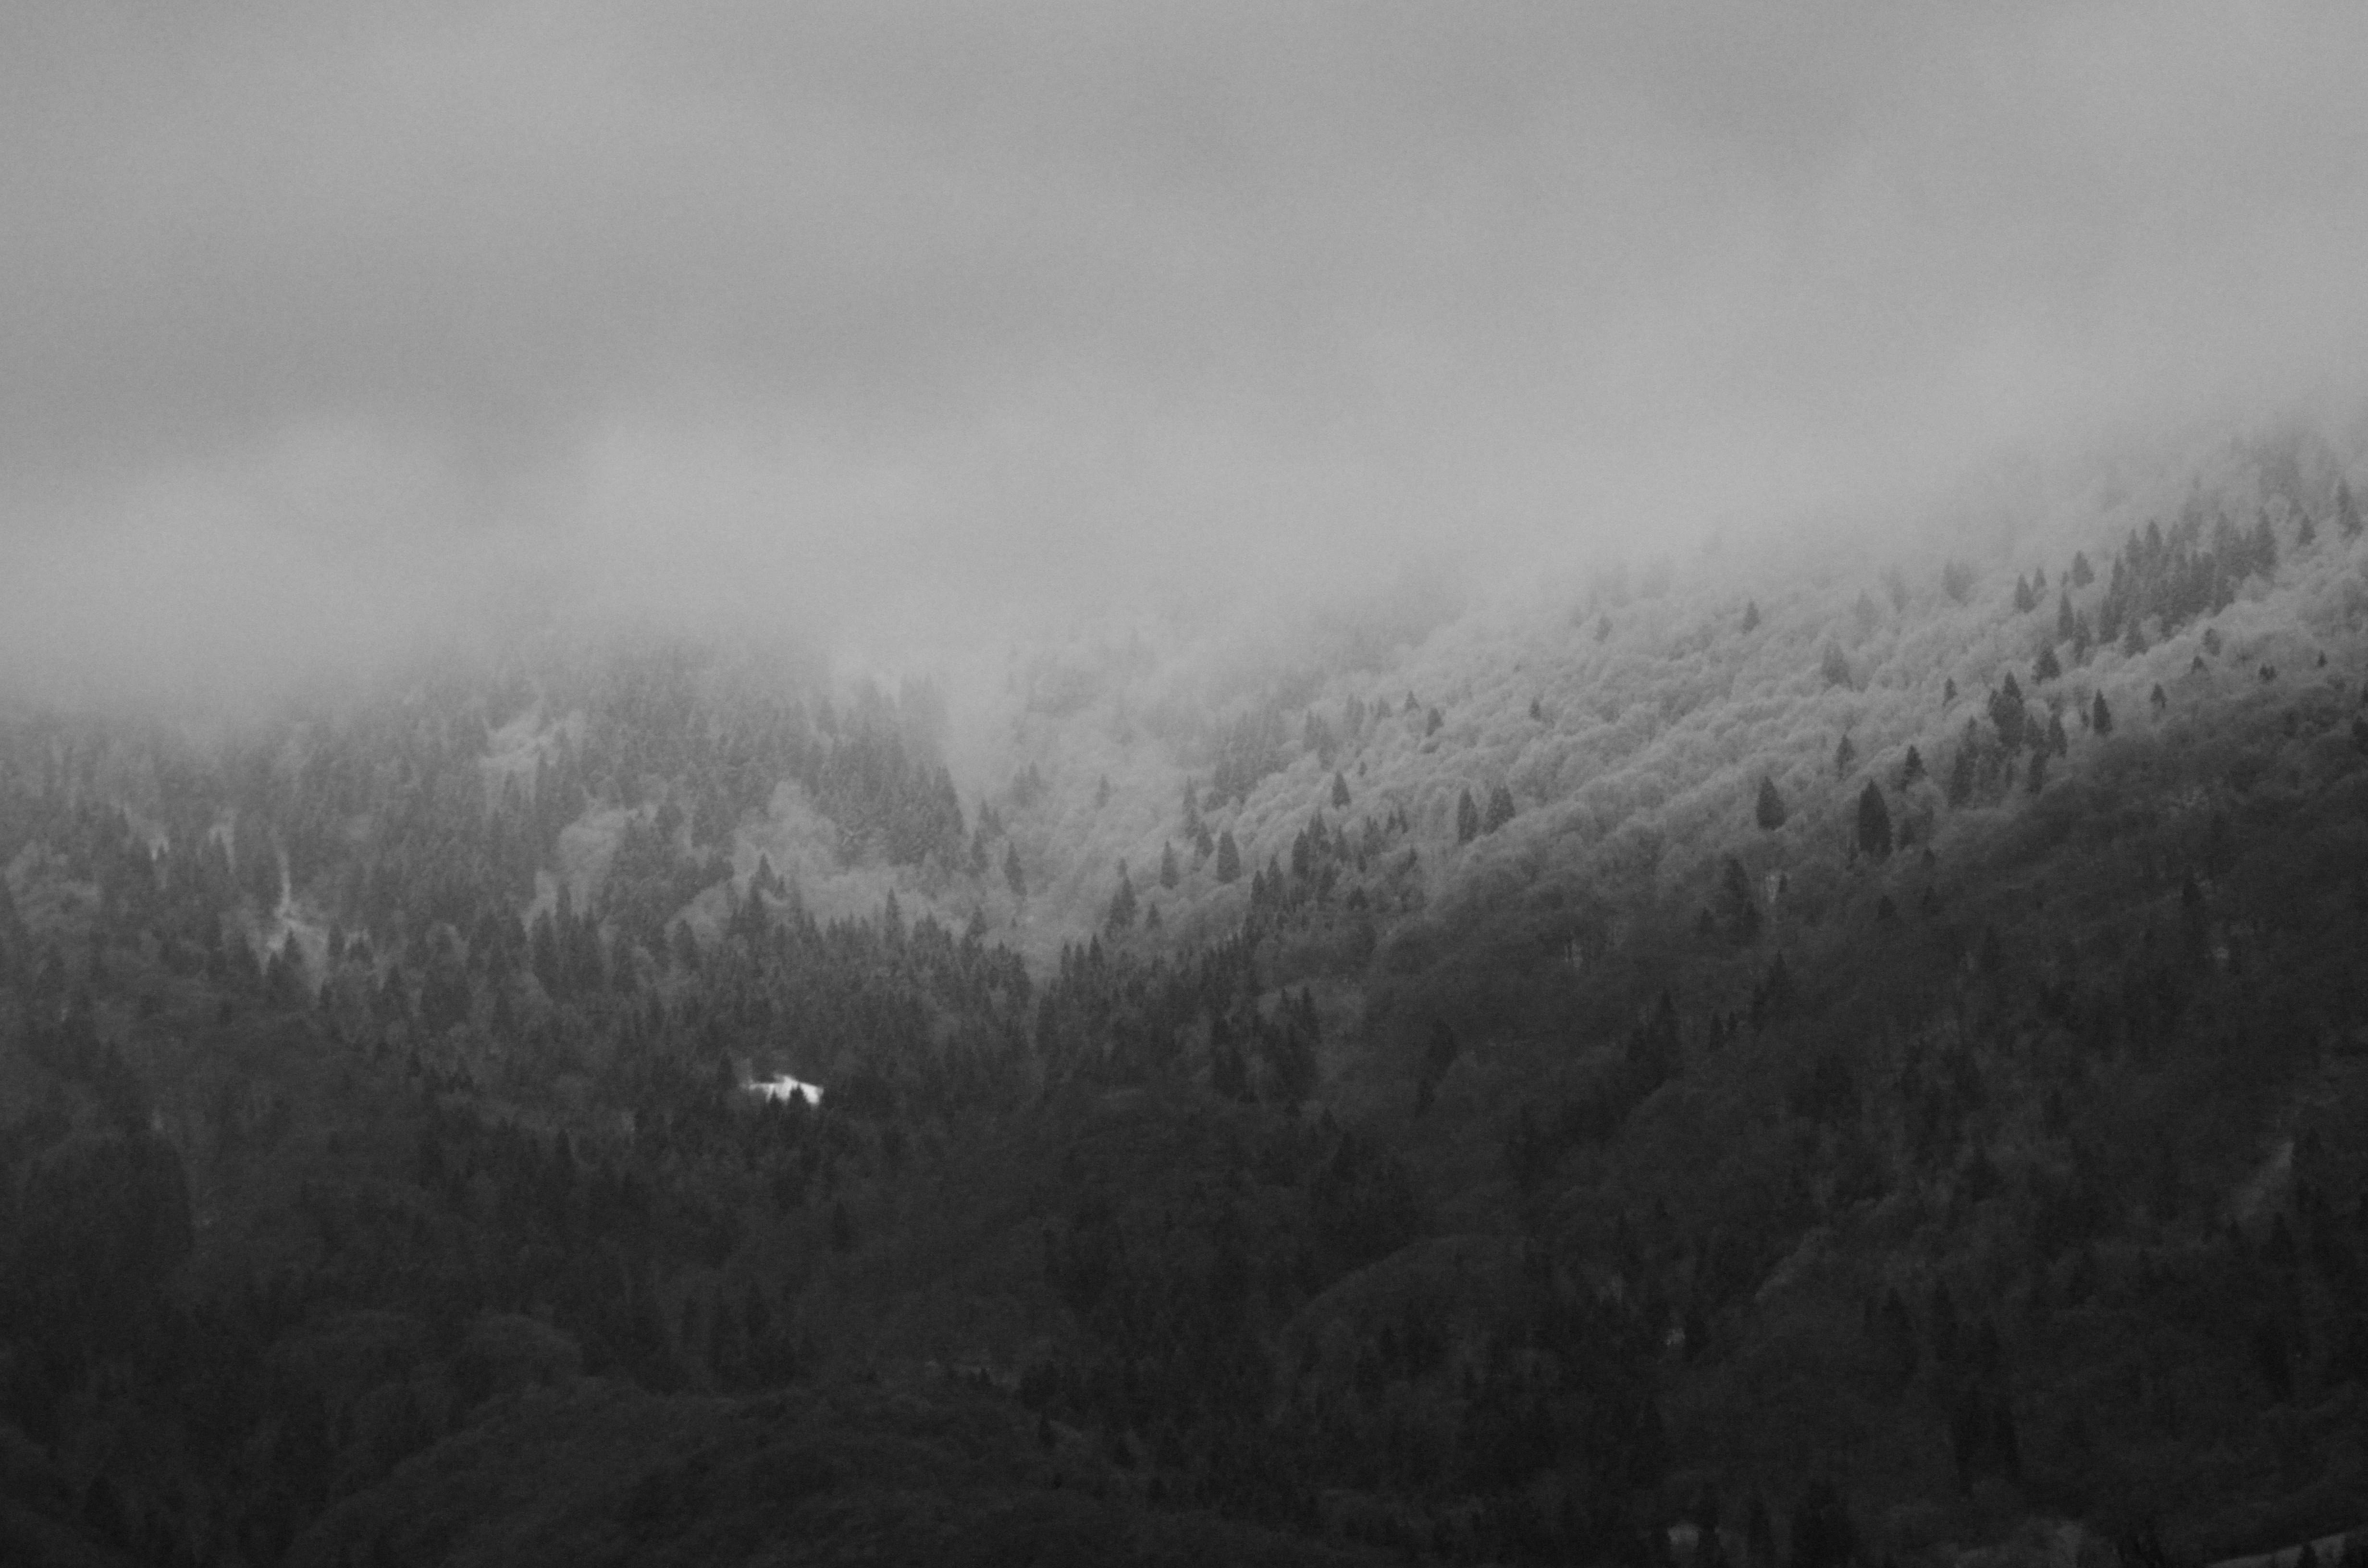 Meteotrentino l'aveva annunciato: neve a 750-800 m s.l.m! Sarà la prima e ultima volta della nuova stagione pri maverile?